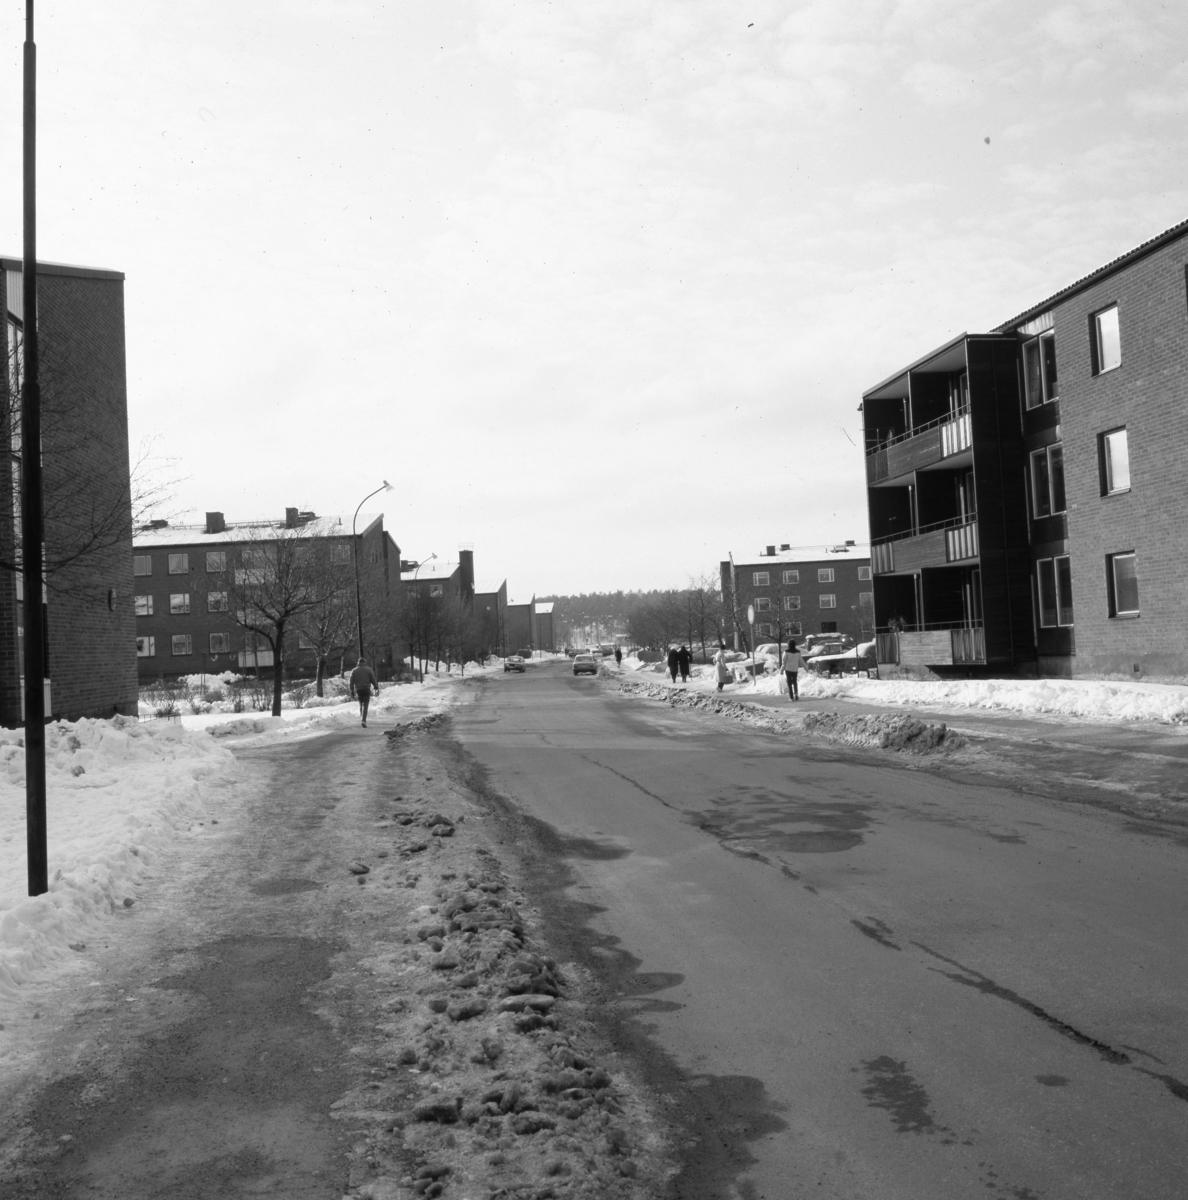 Österled med flerfamiljshus på båda sidor. Människor och bilar i rörelse. Vinter och snö.